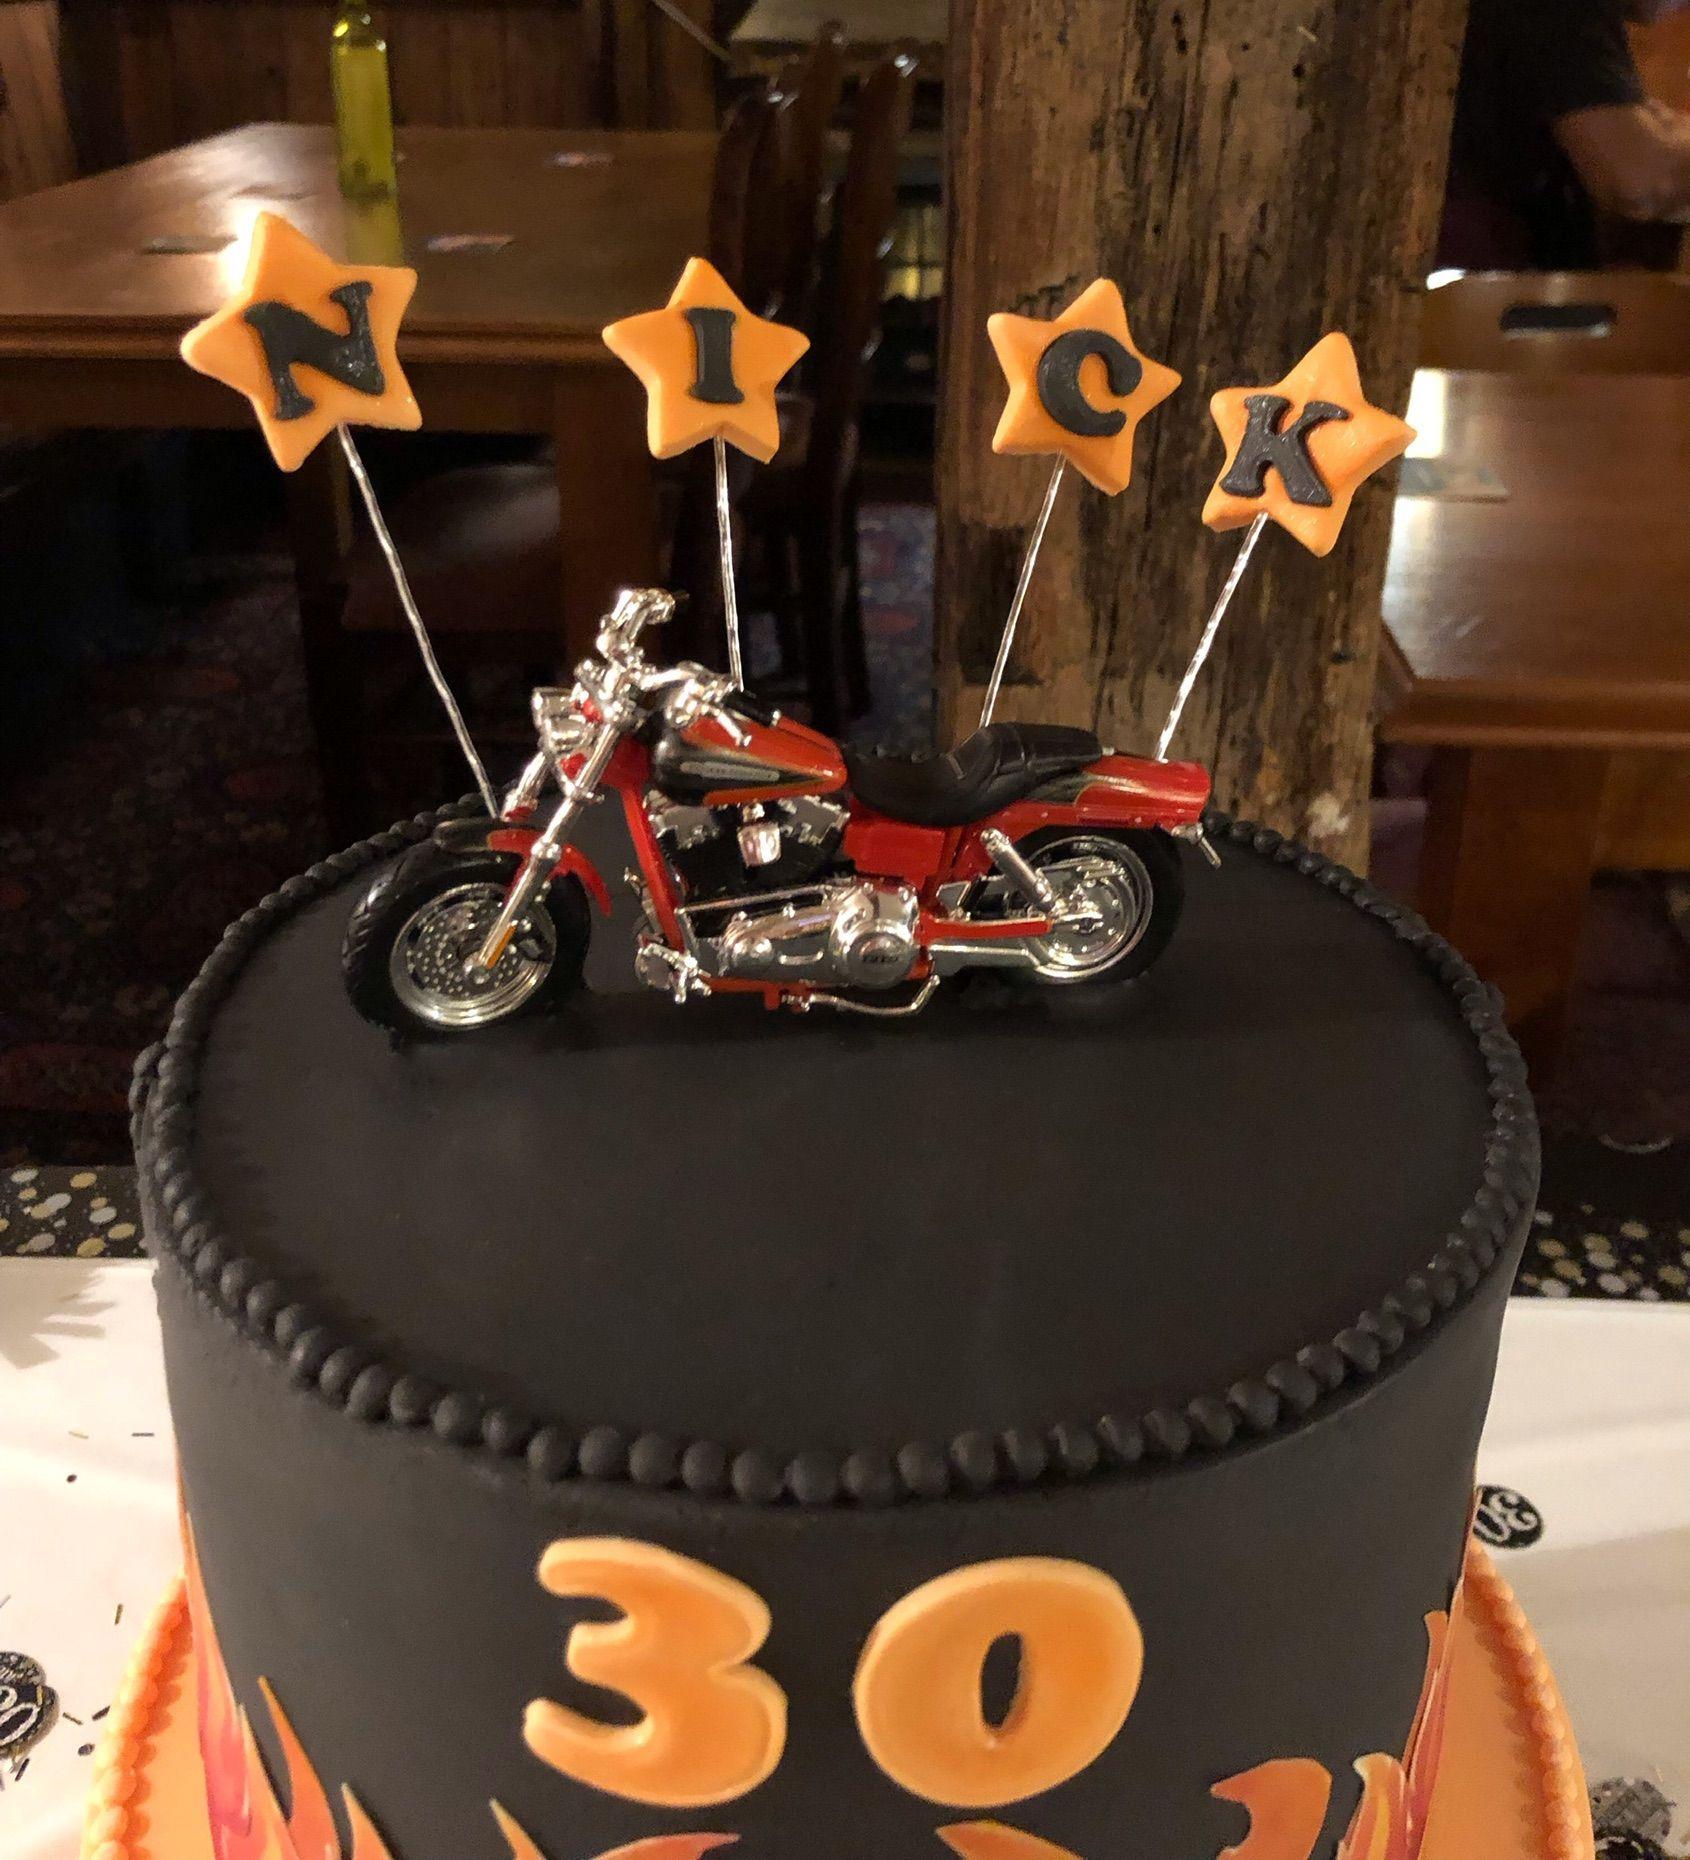 harley davidson cake 2